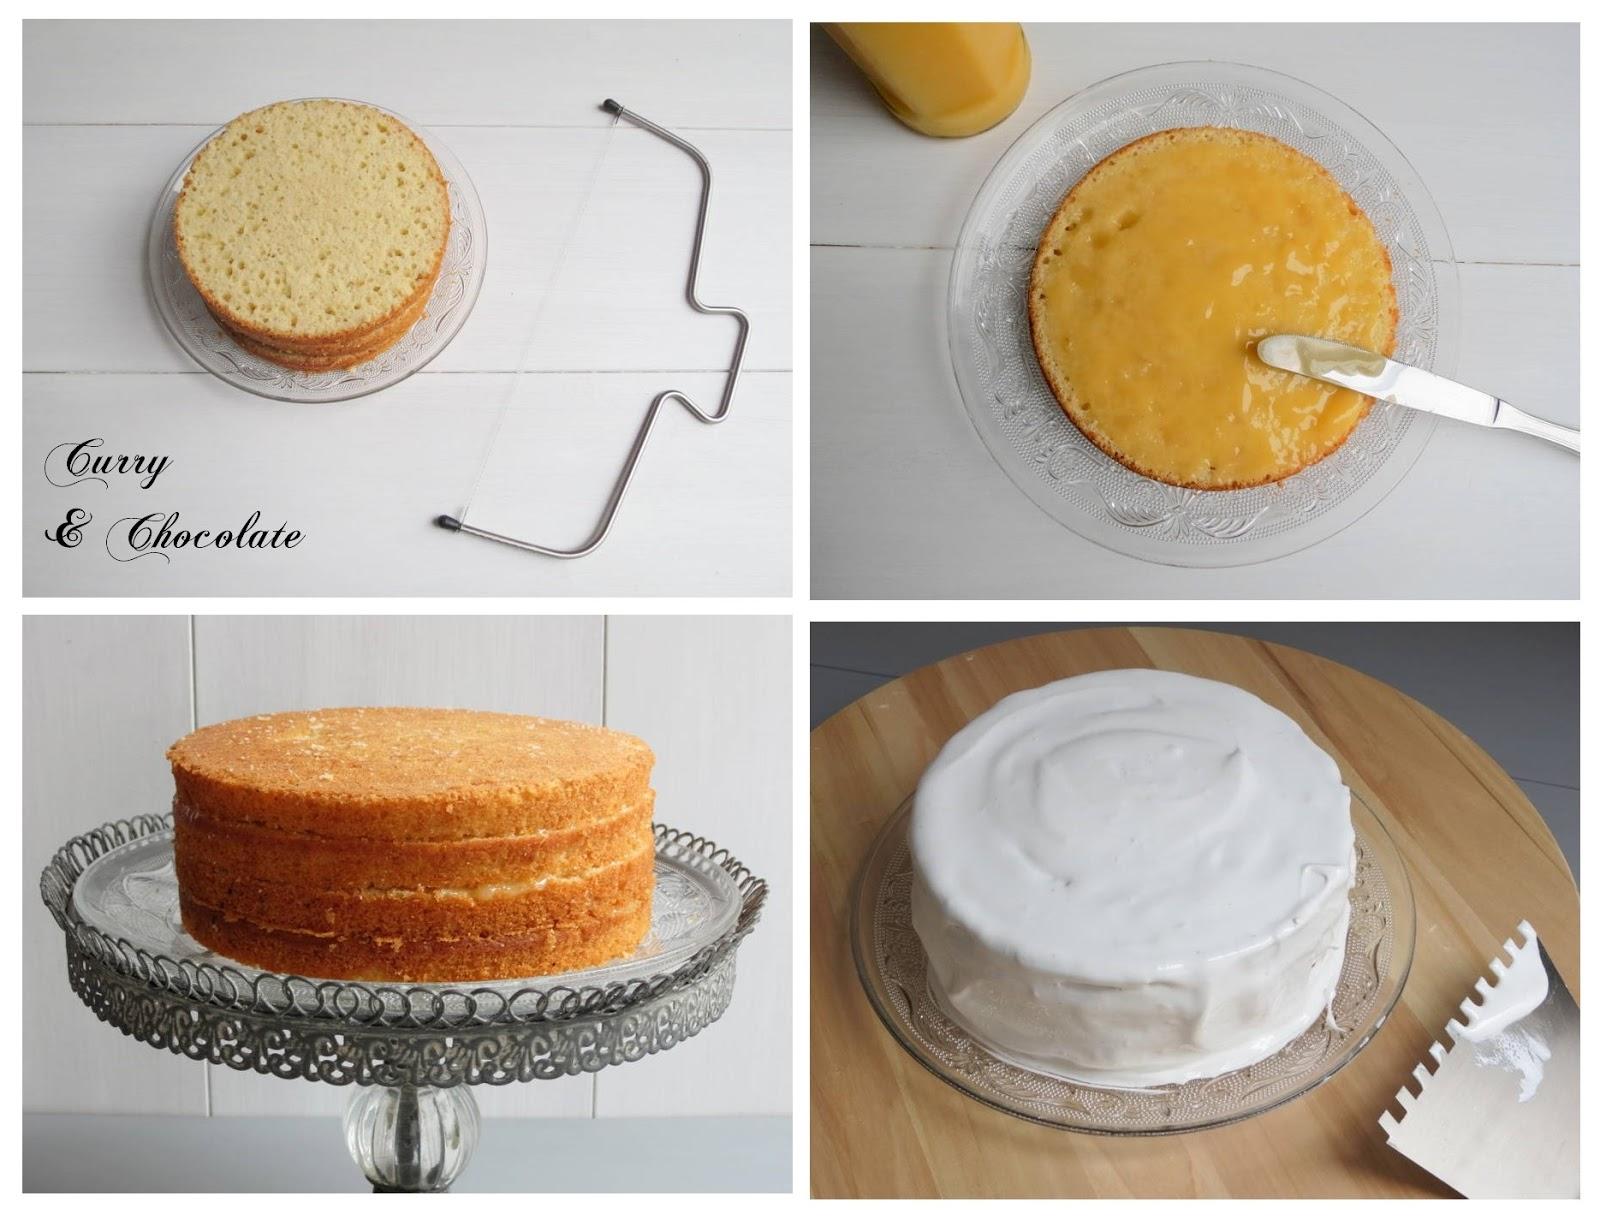 Montaje de al tarta